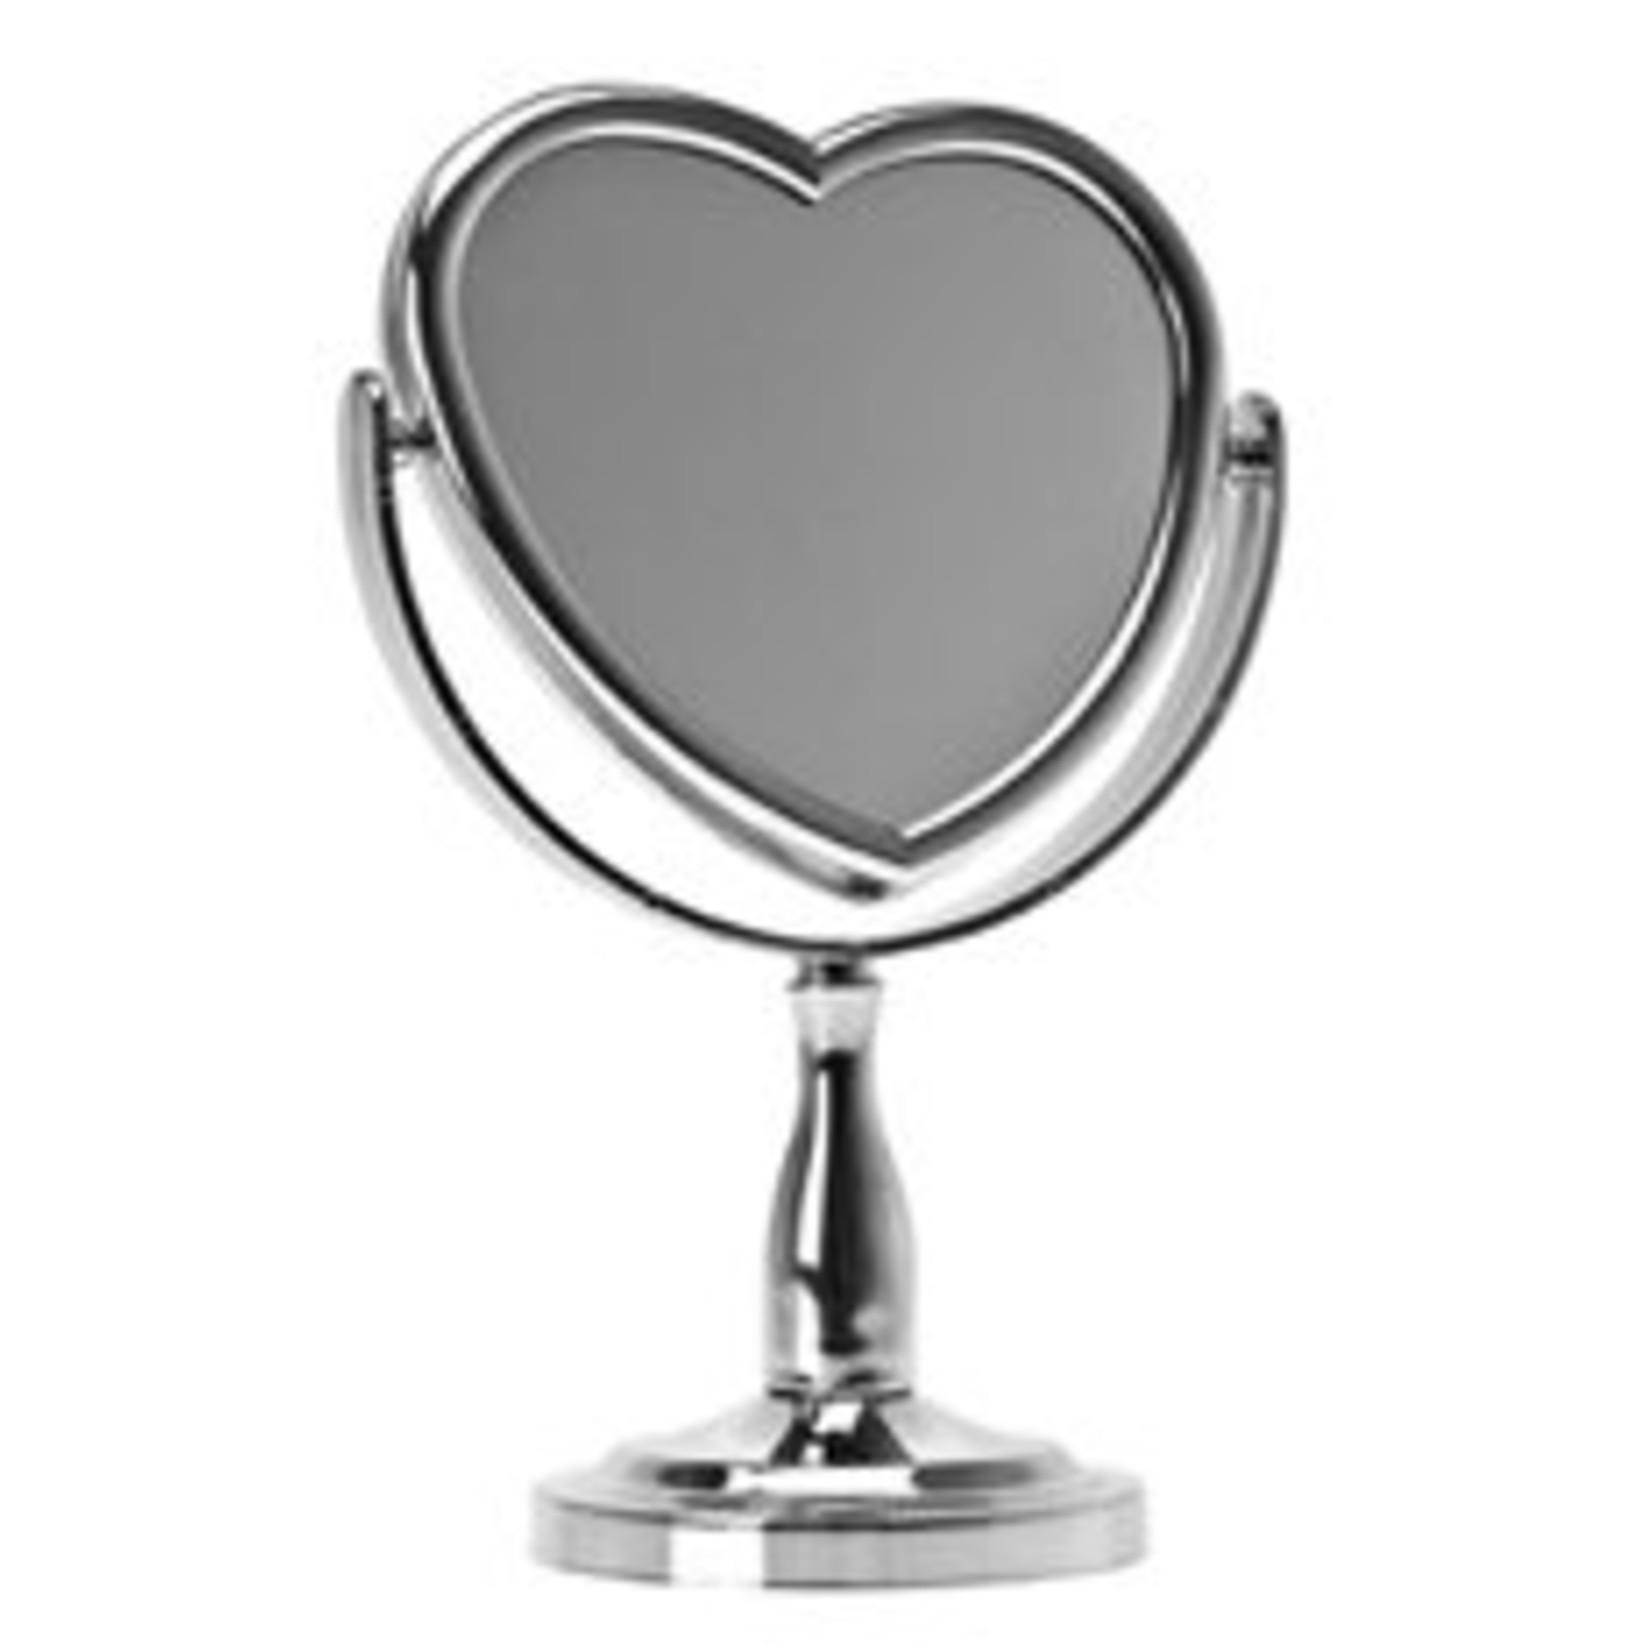 Hart spiegel staand chrome. Hoogte 26cm.